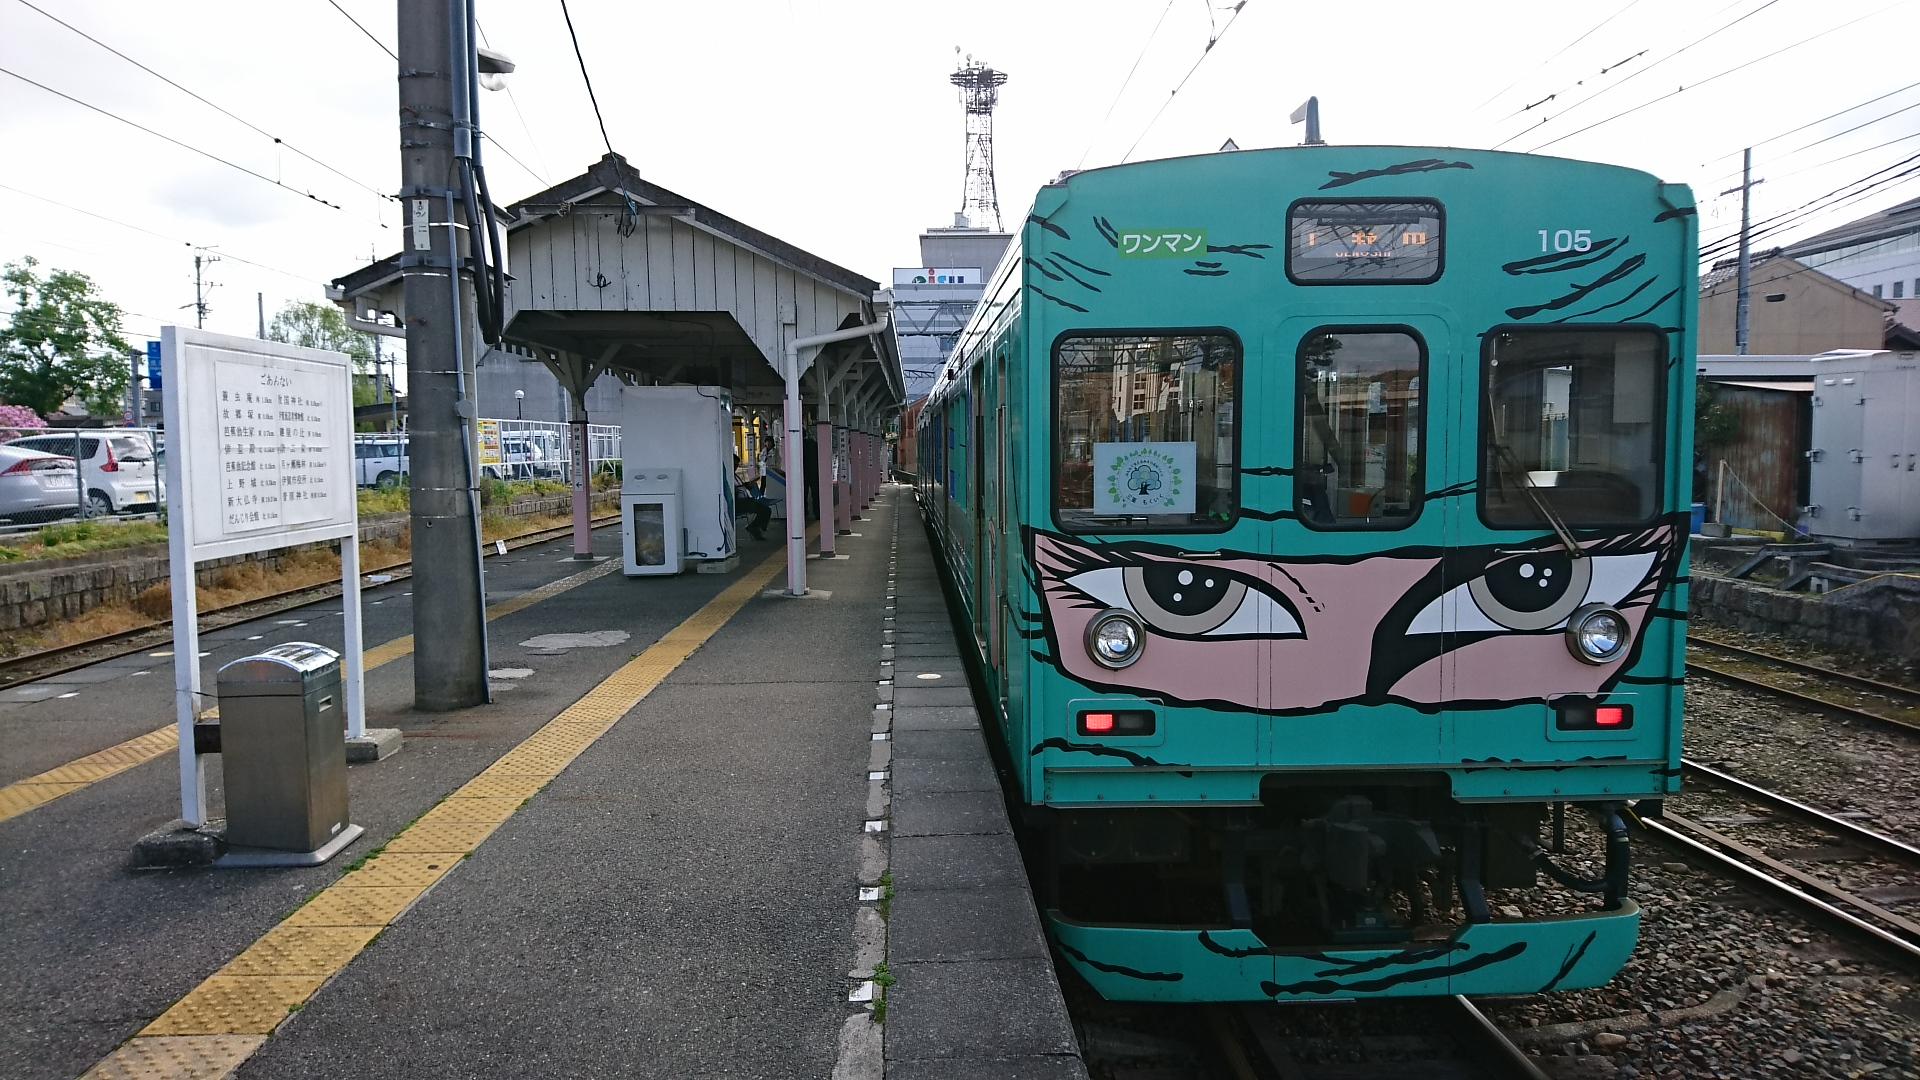 2018.4.26 上野 (44) 上野市 - 伊賀神戸いきふつう 1920-1080